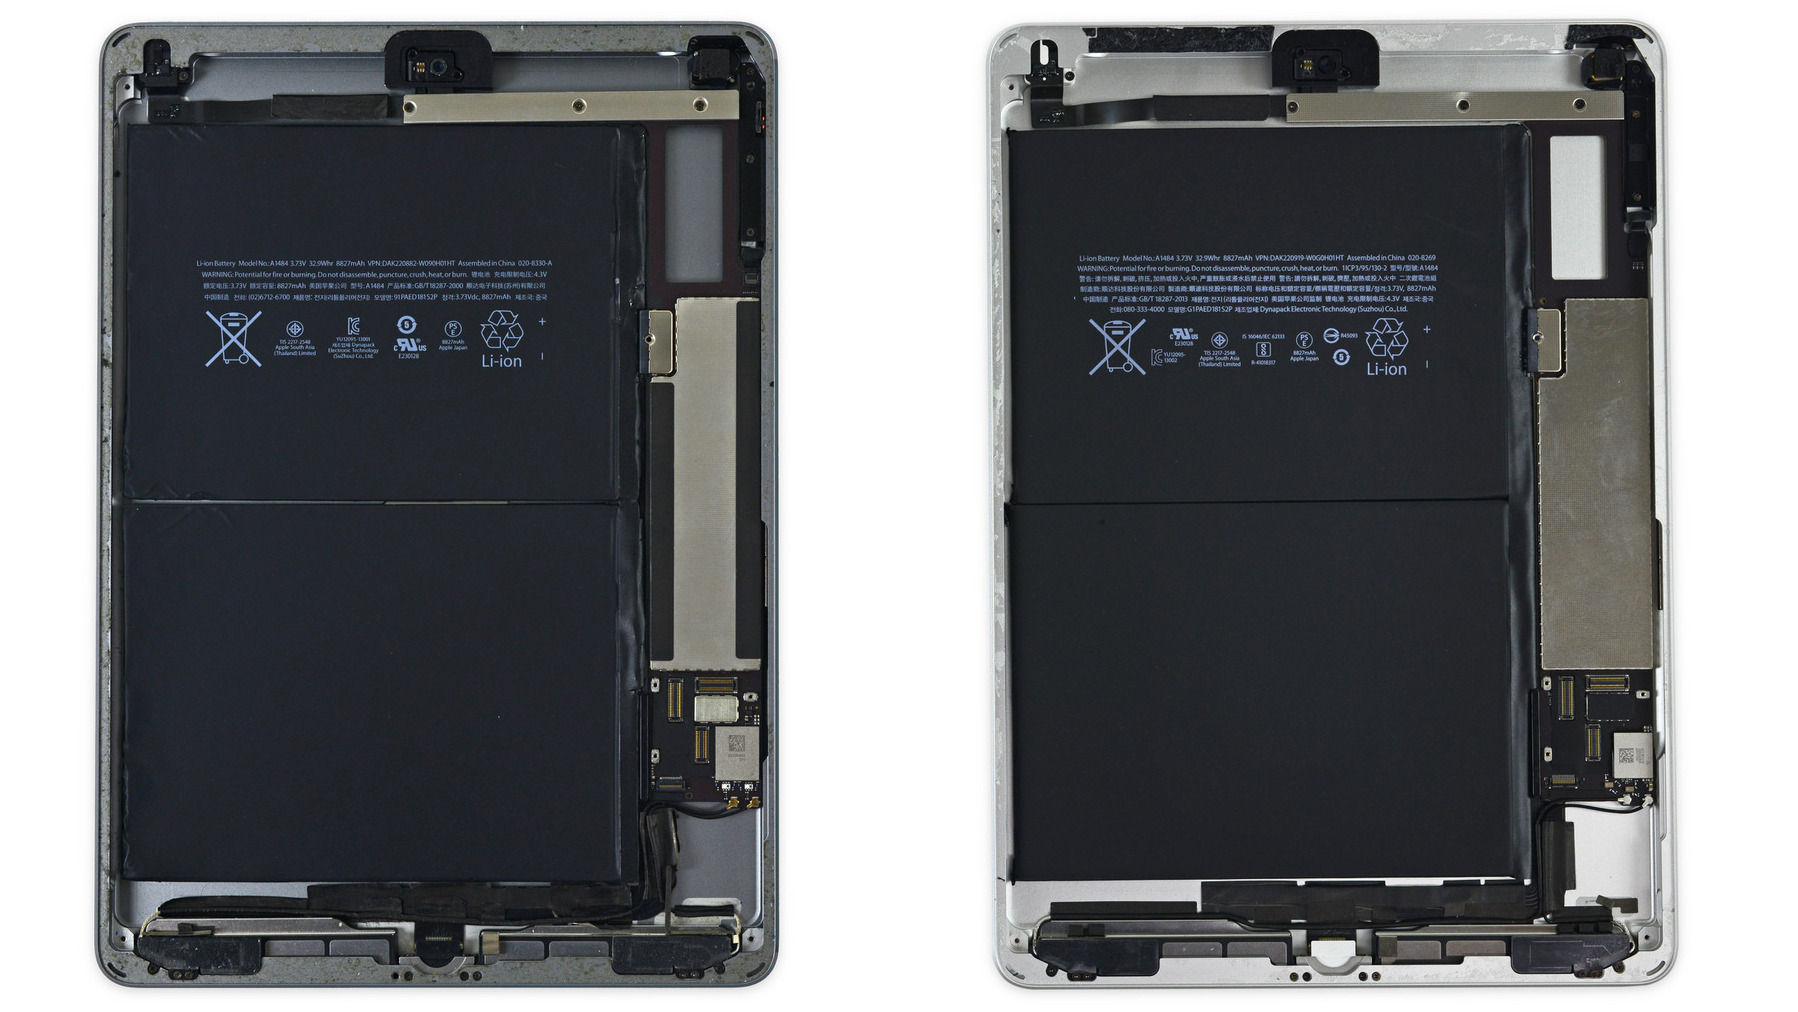 De iPad Air 1 uit 2013 (links) en iPad uit 2017 (rechts).